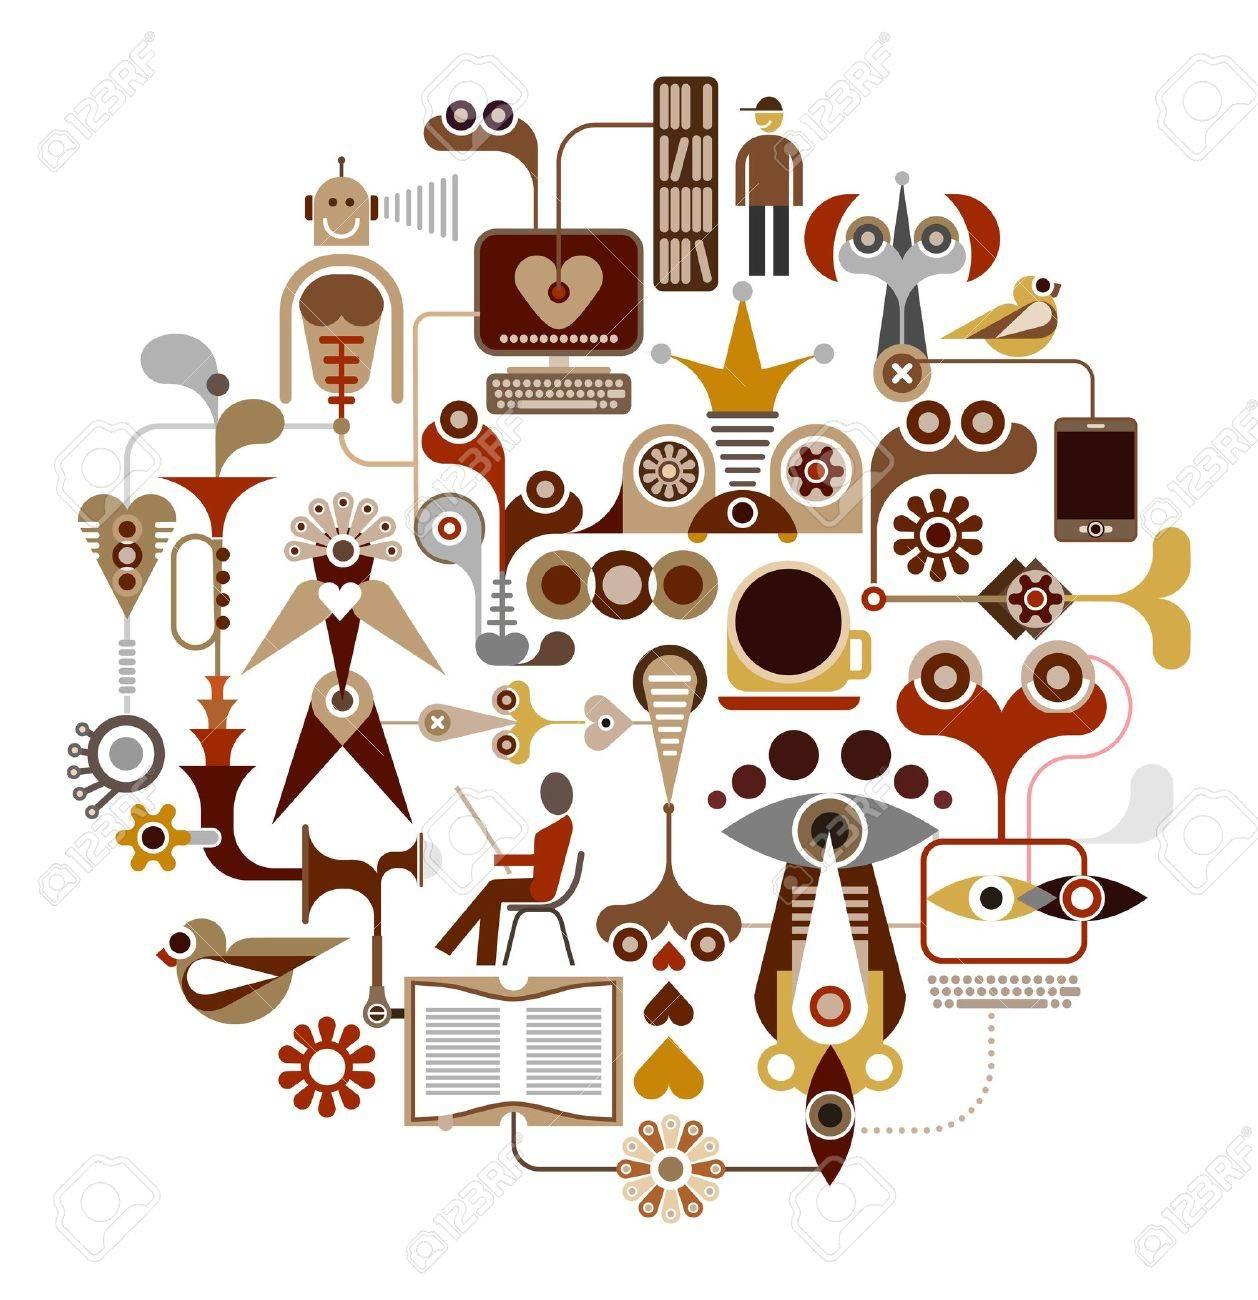 Social Media Network Stock Vector - 13517334